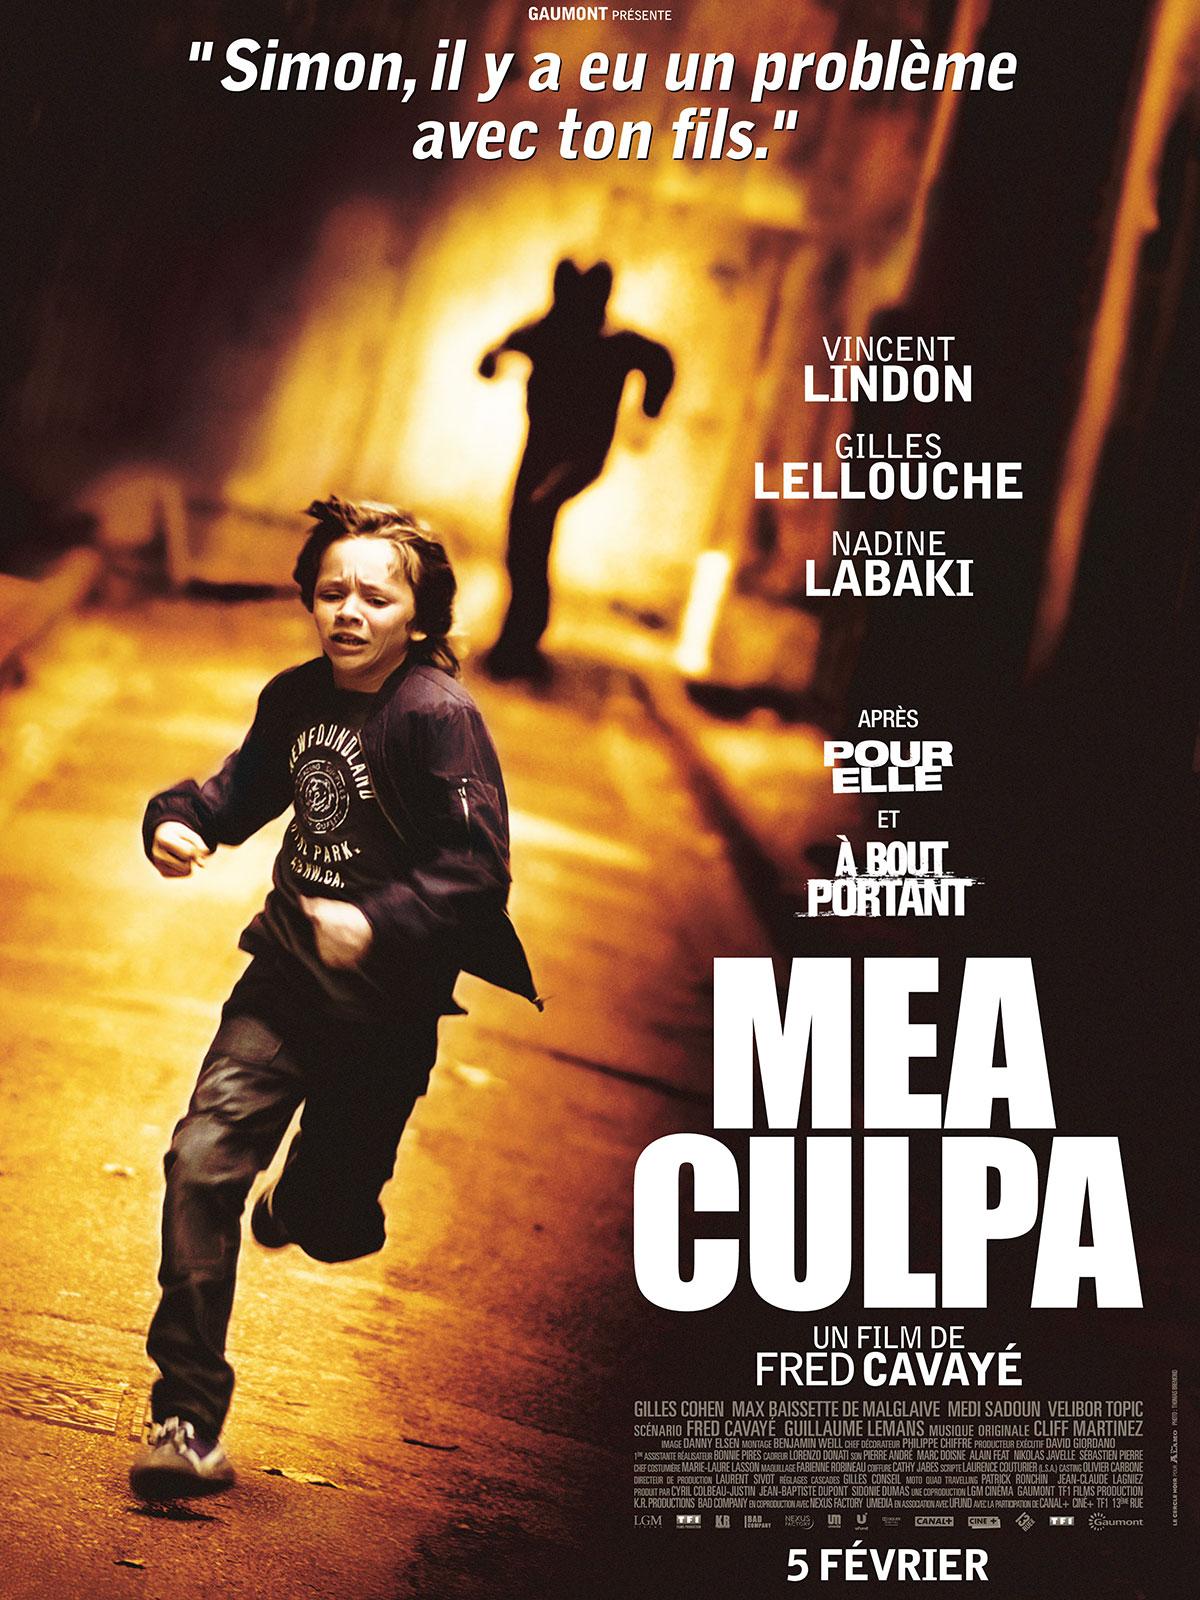 Mea Culpa - 05/12/2014